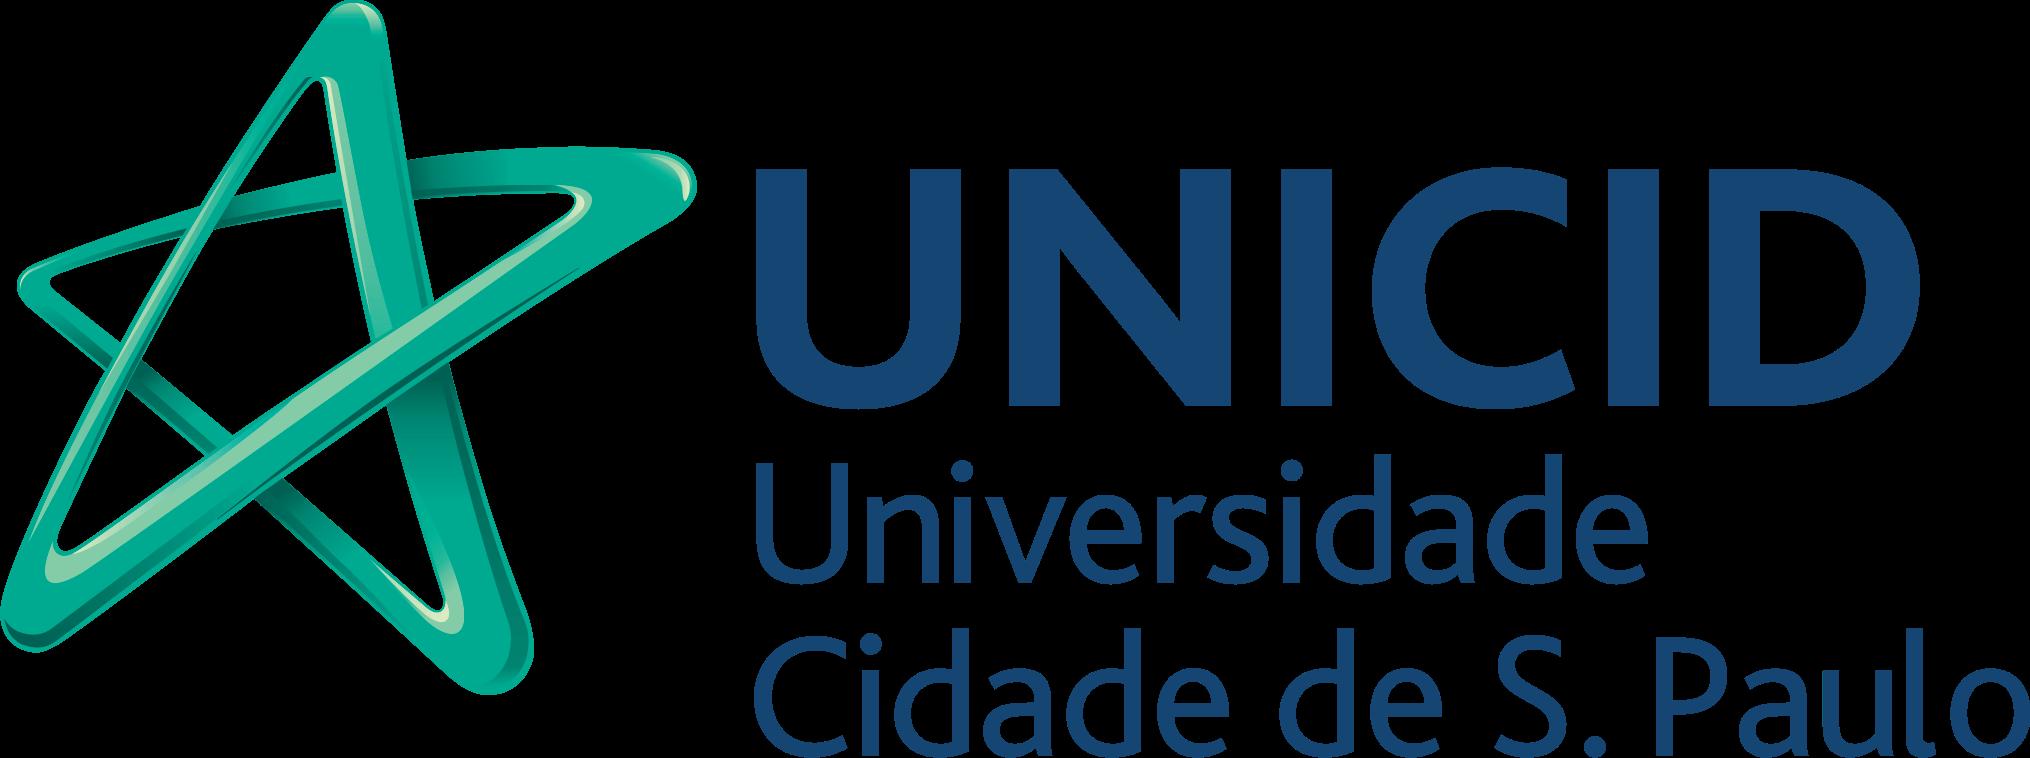 Abertas inscrições para o Vestibular 2020 de Medicina da Unicid